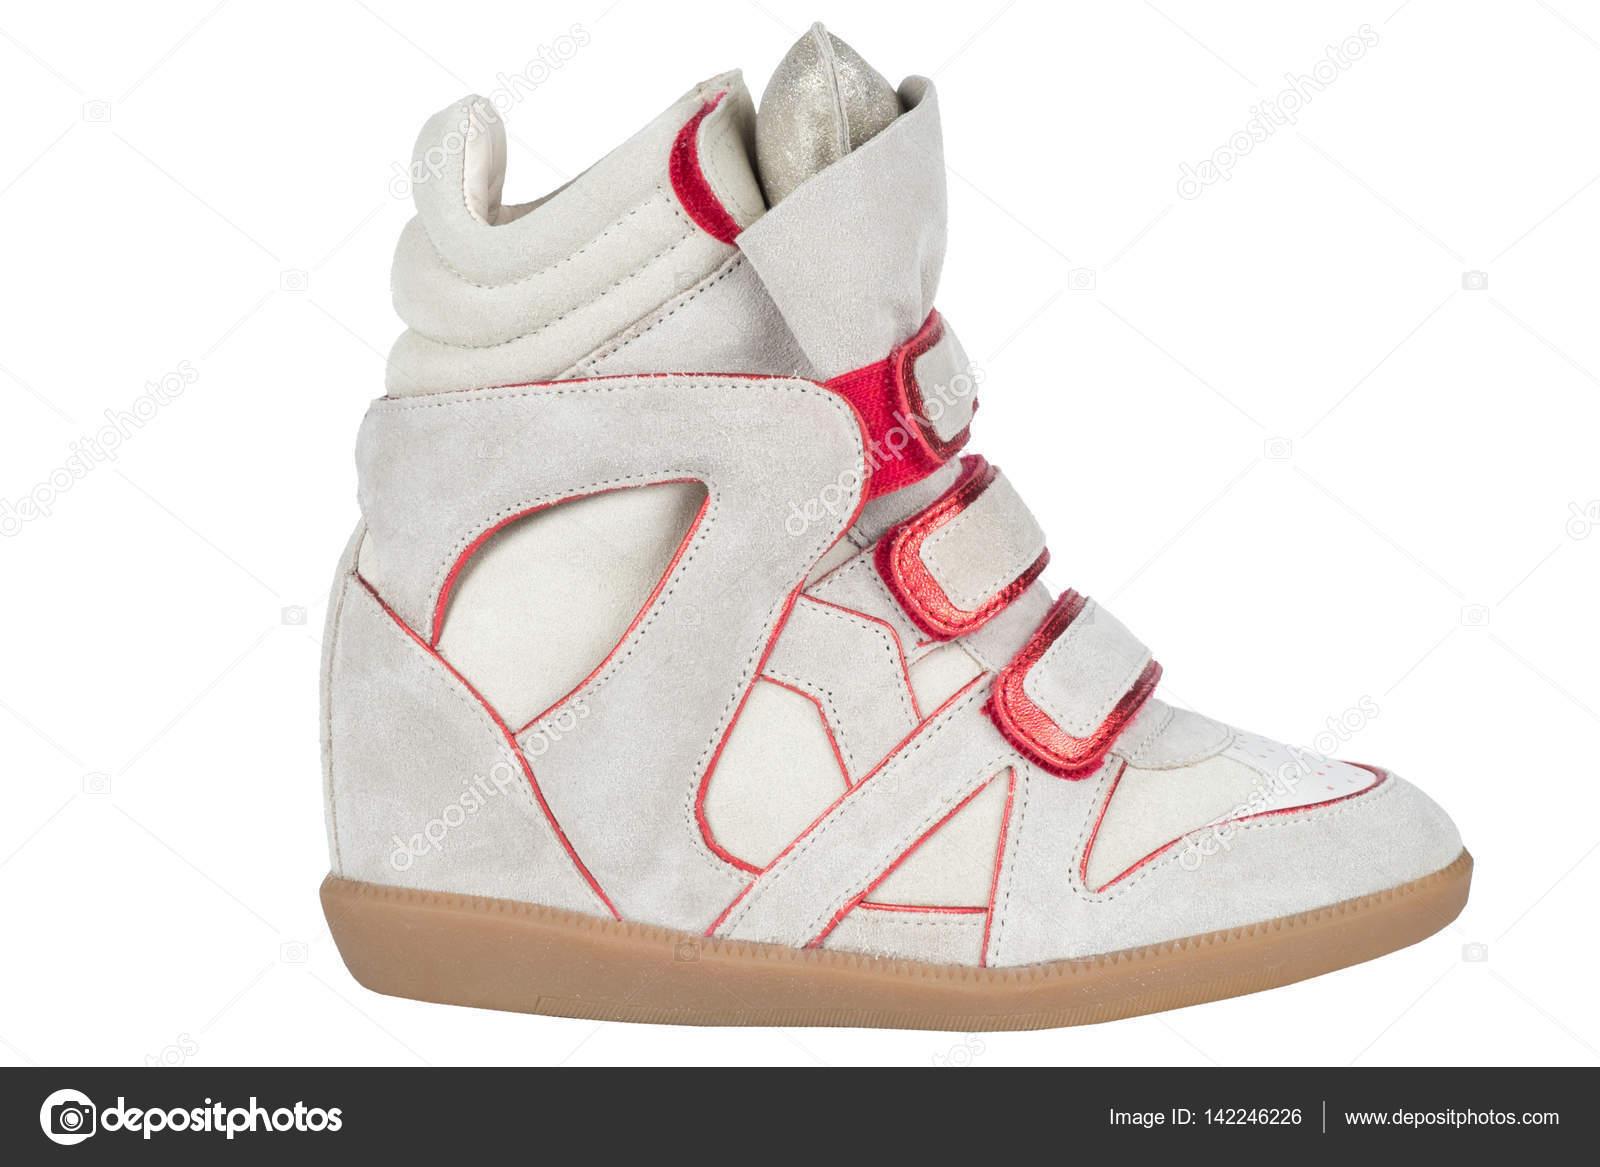 7950be22b0f Обувь. Женская обувь на белом фоне. обувь премиум. Итальянская обувь  фирменных– Стоковое изображение